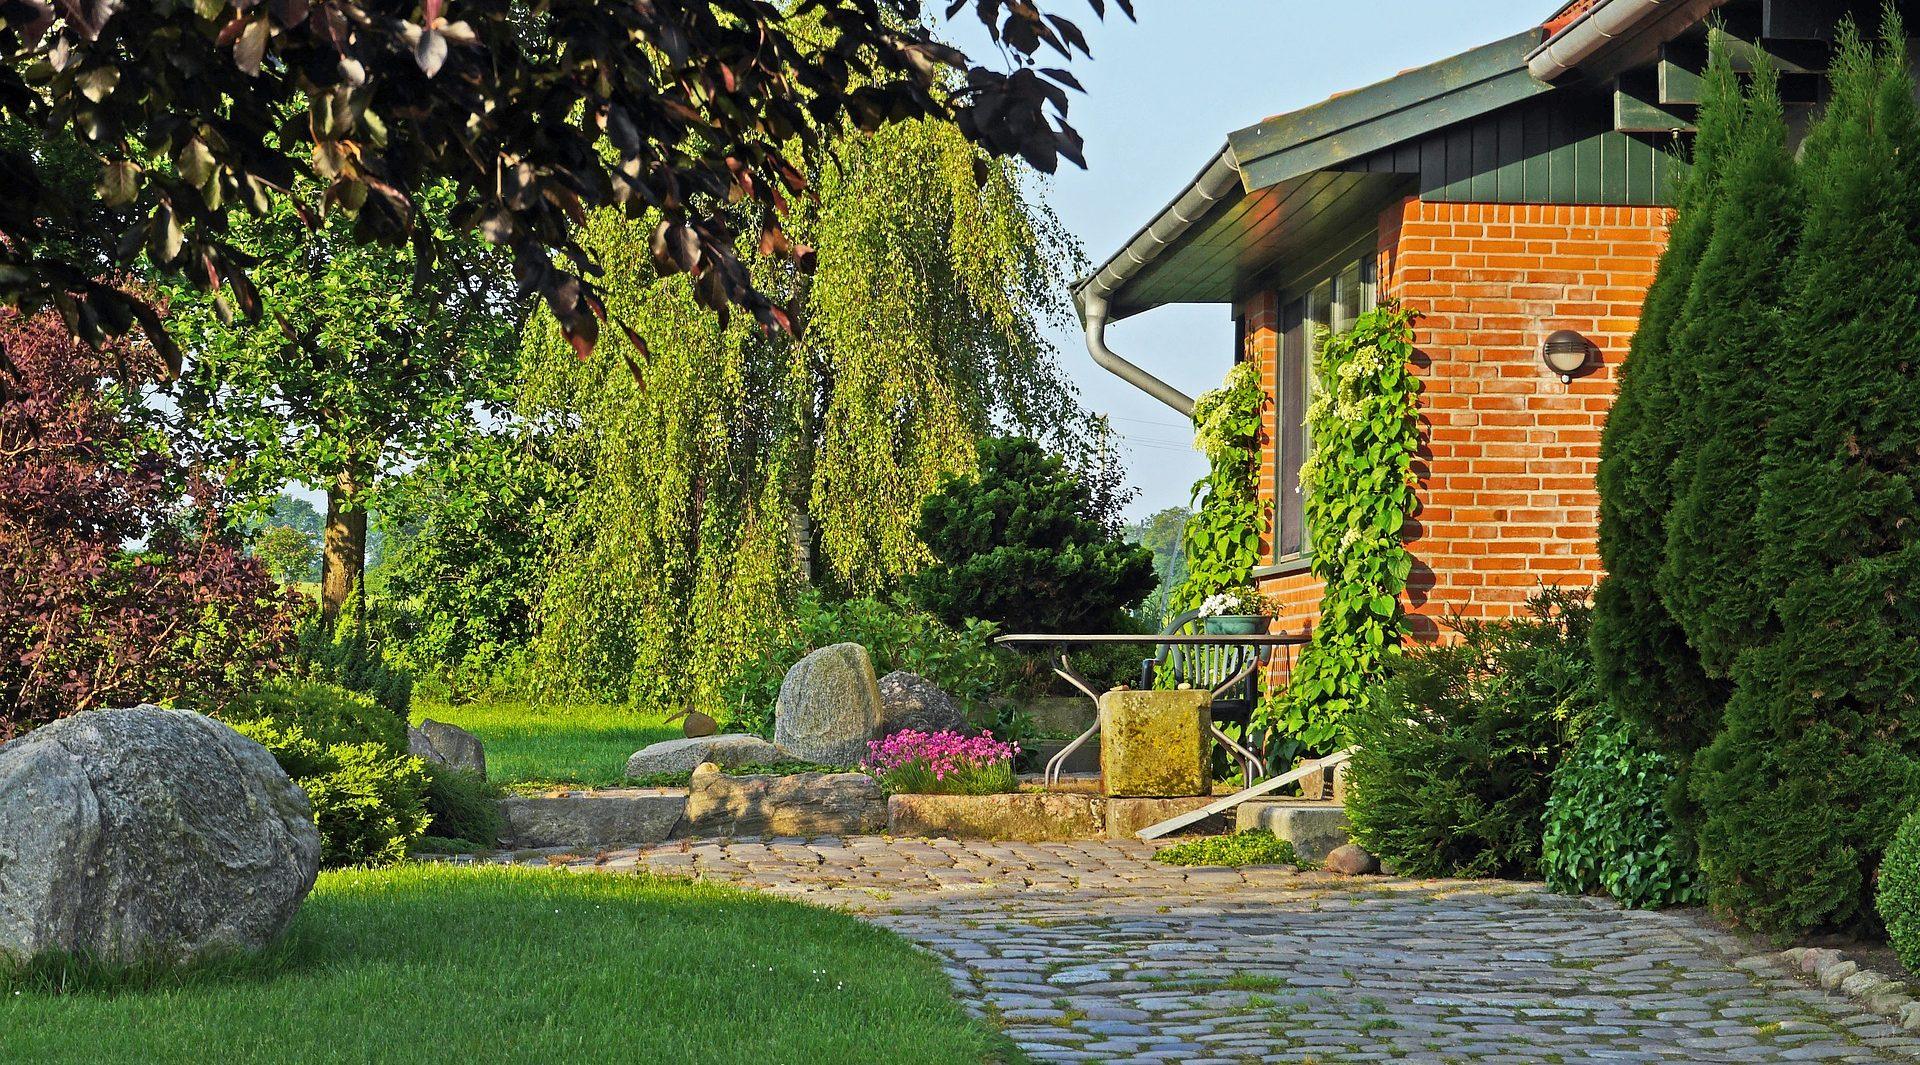 De tuin voor de verkoop van het huis